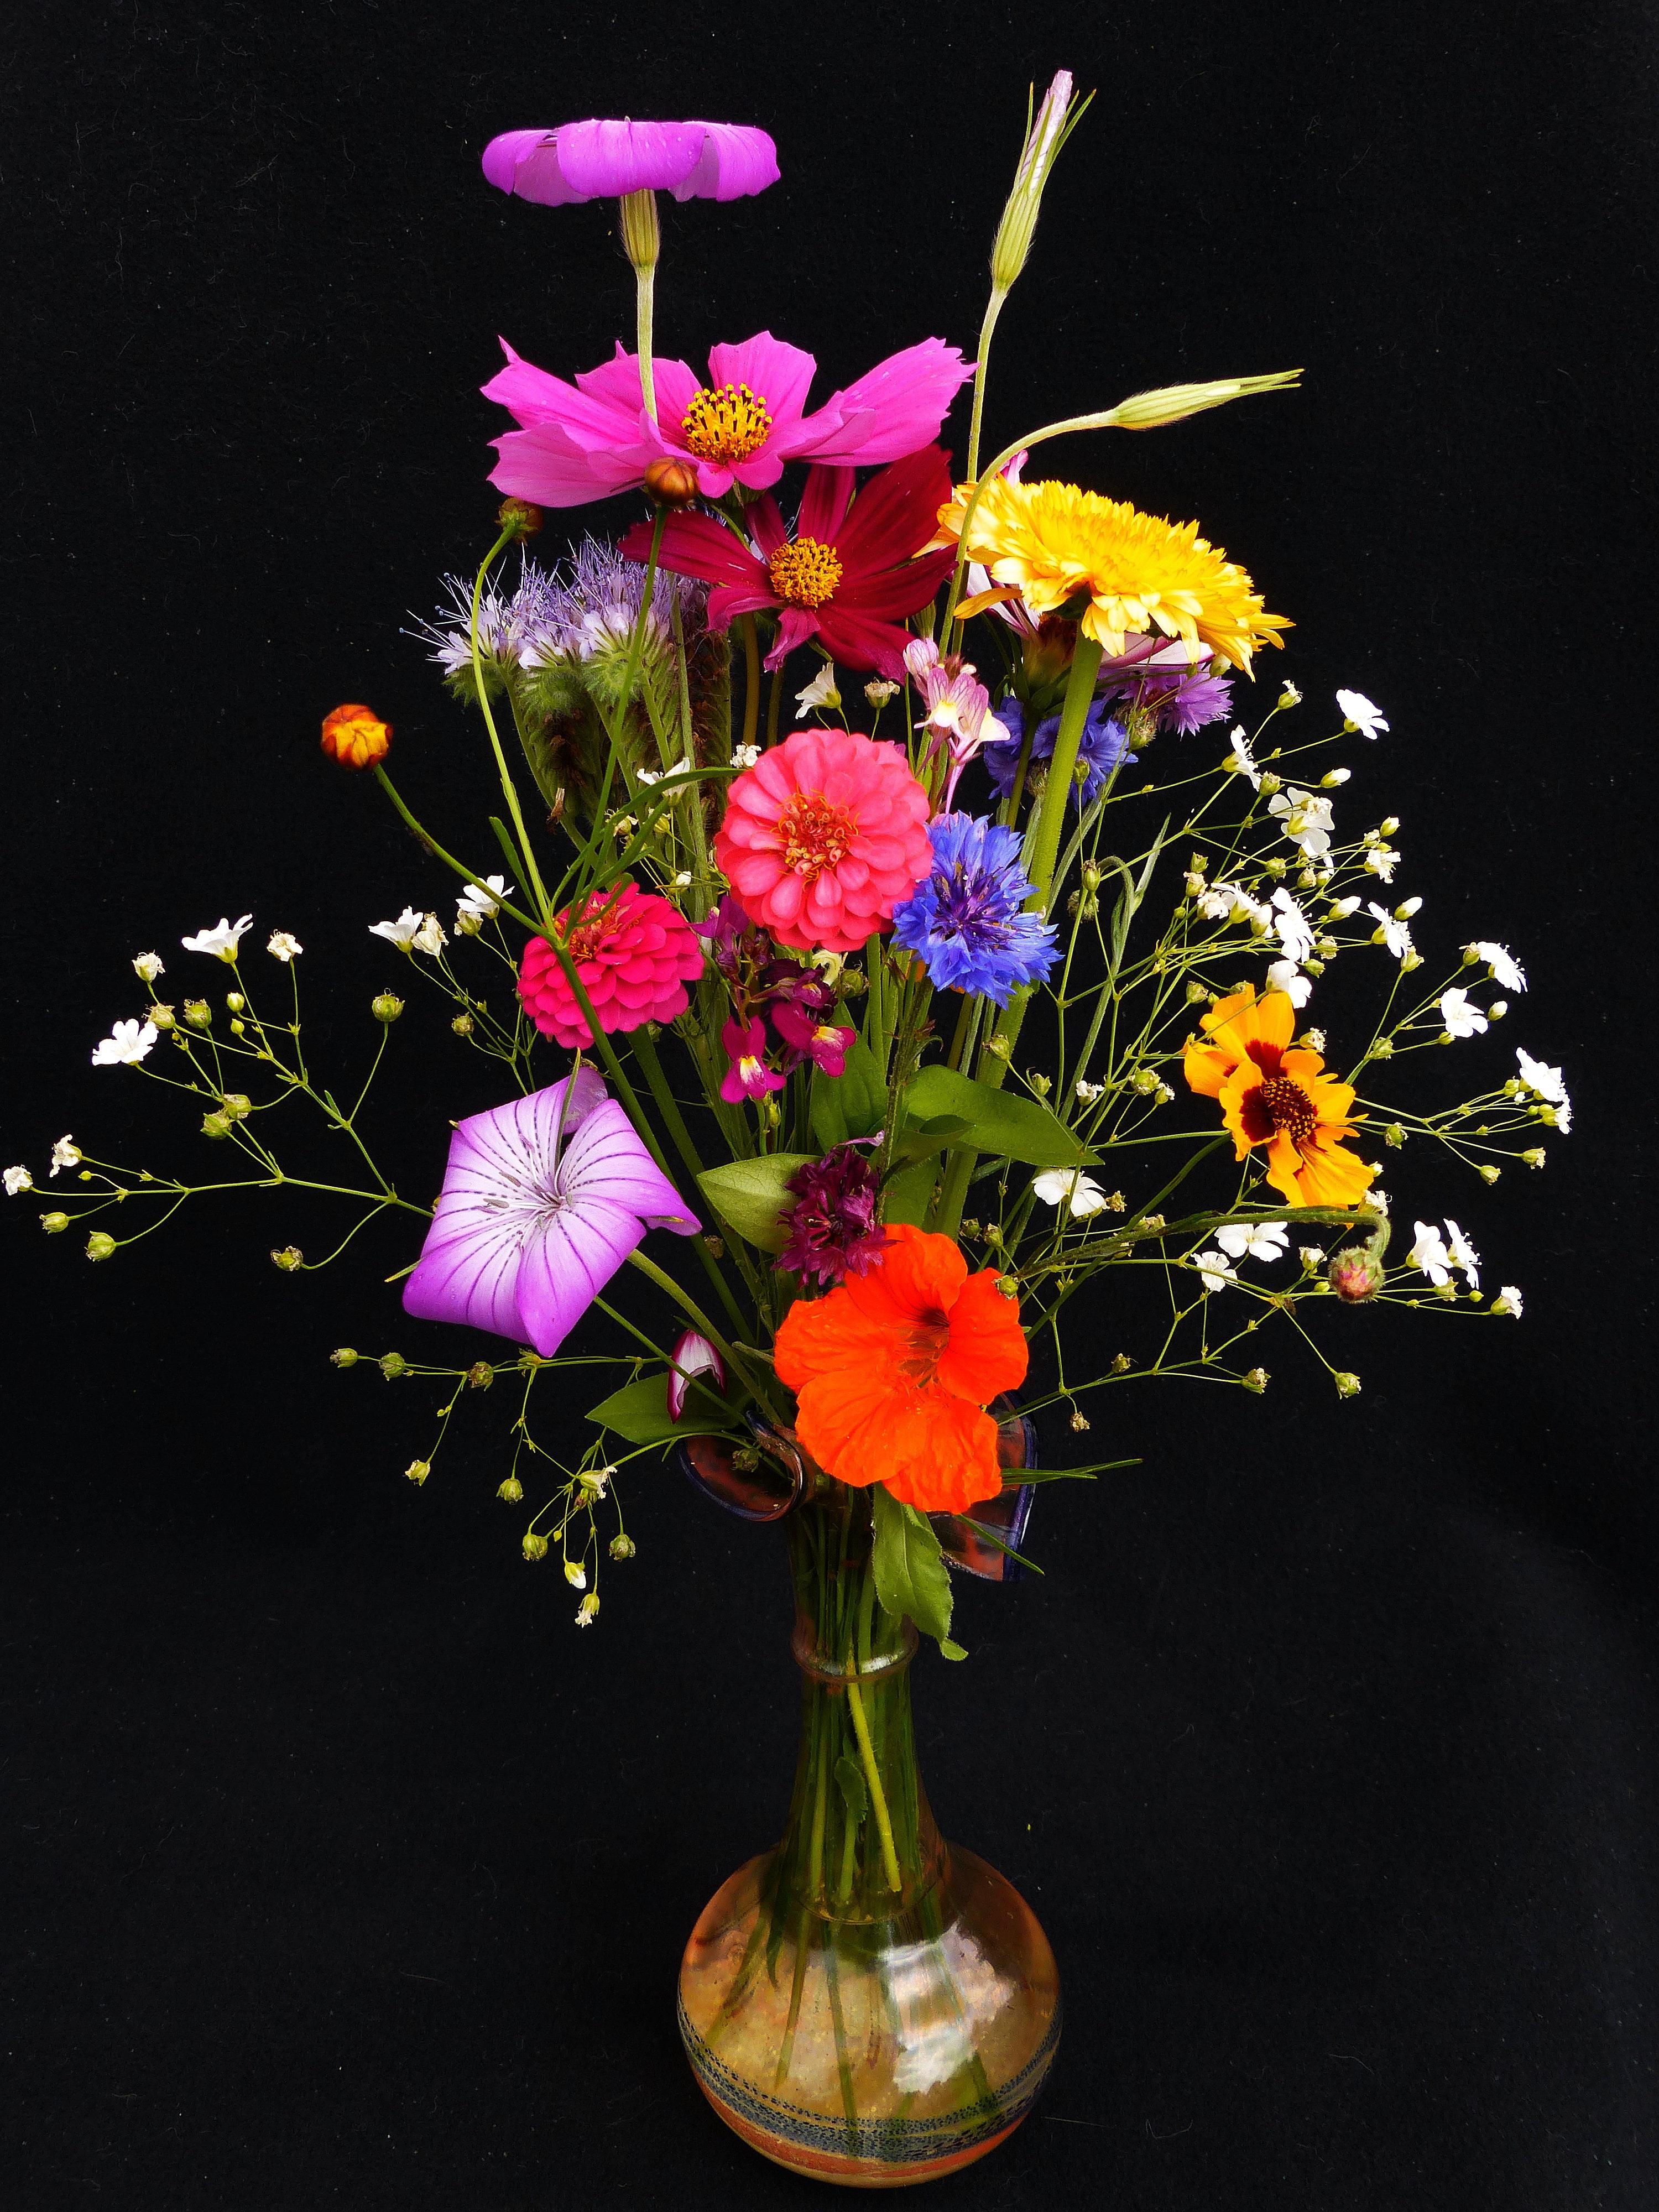 Fotoğraf çiçek Renk Renkli Bitki örtüsü Resim Boyama